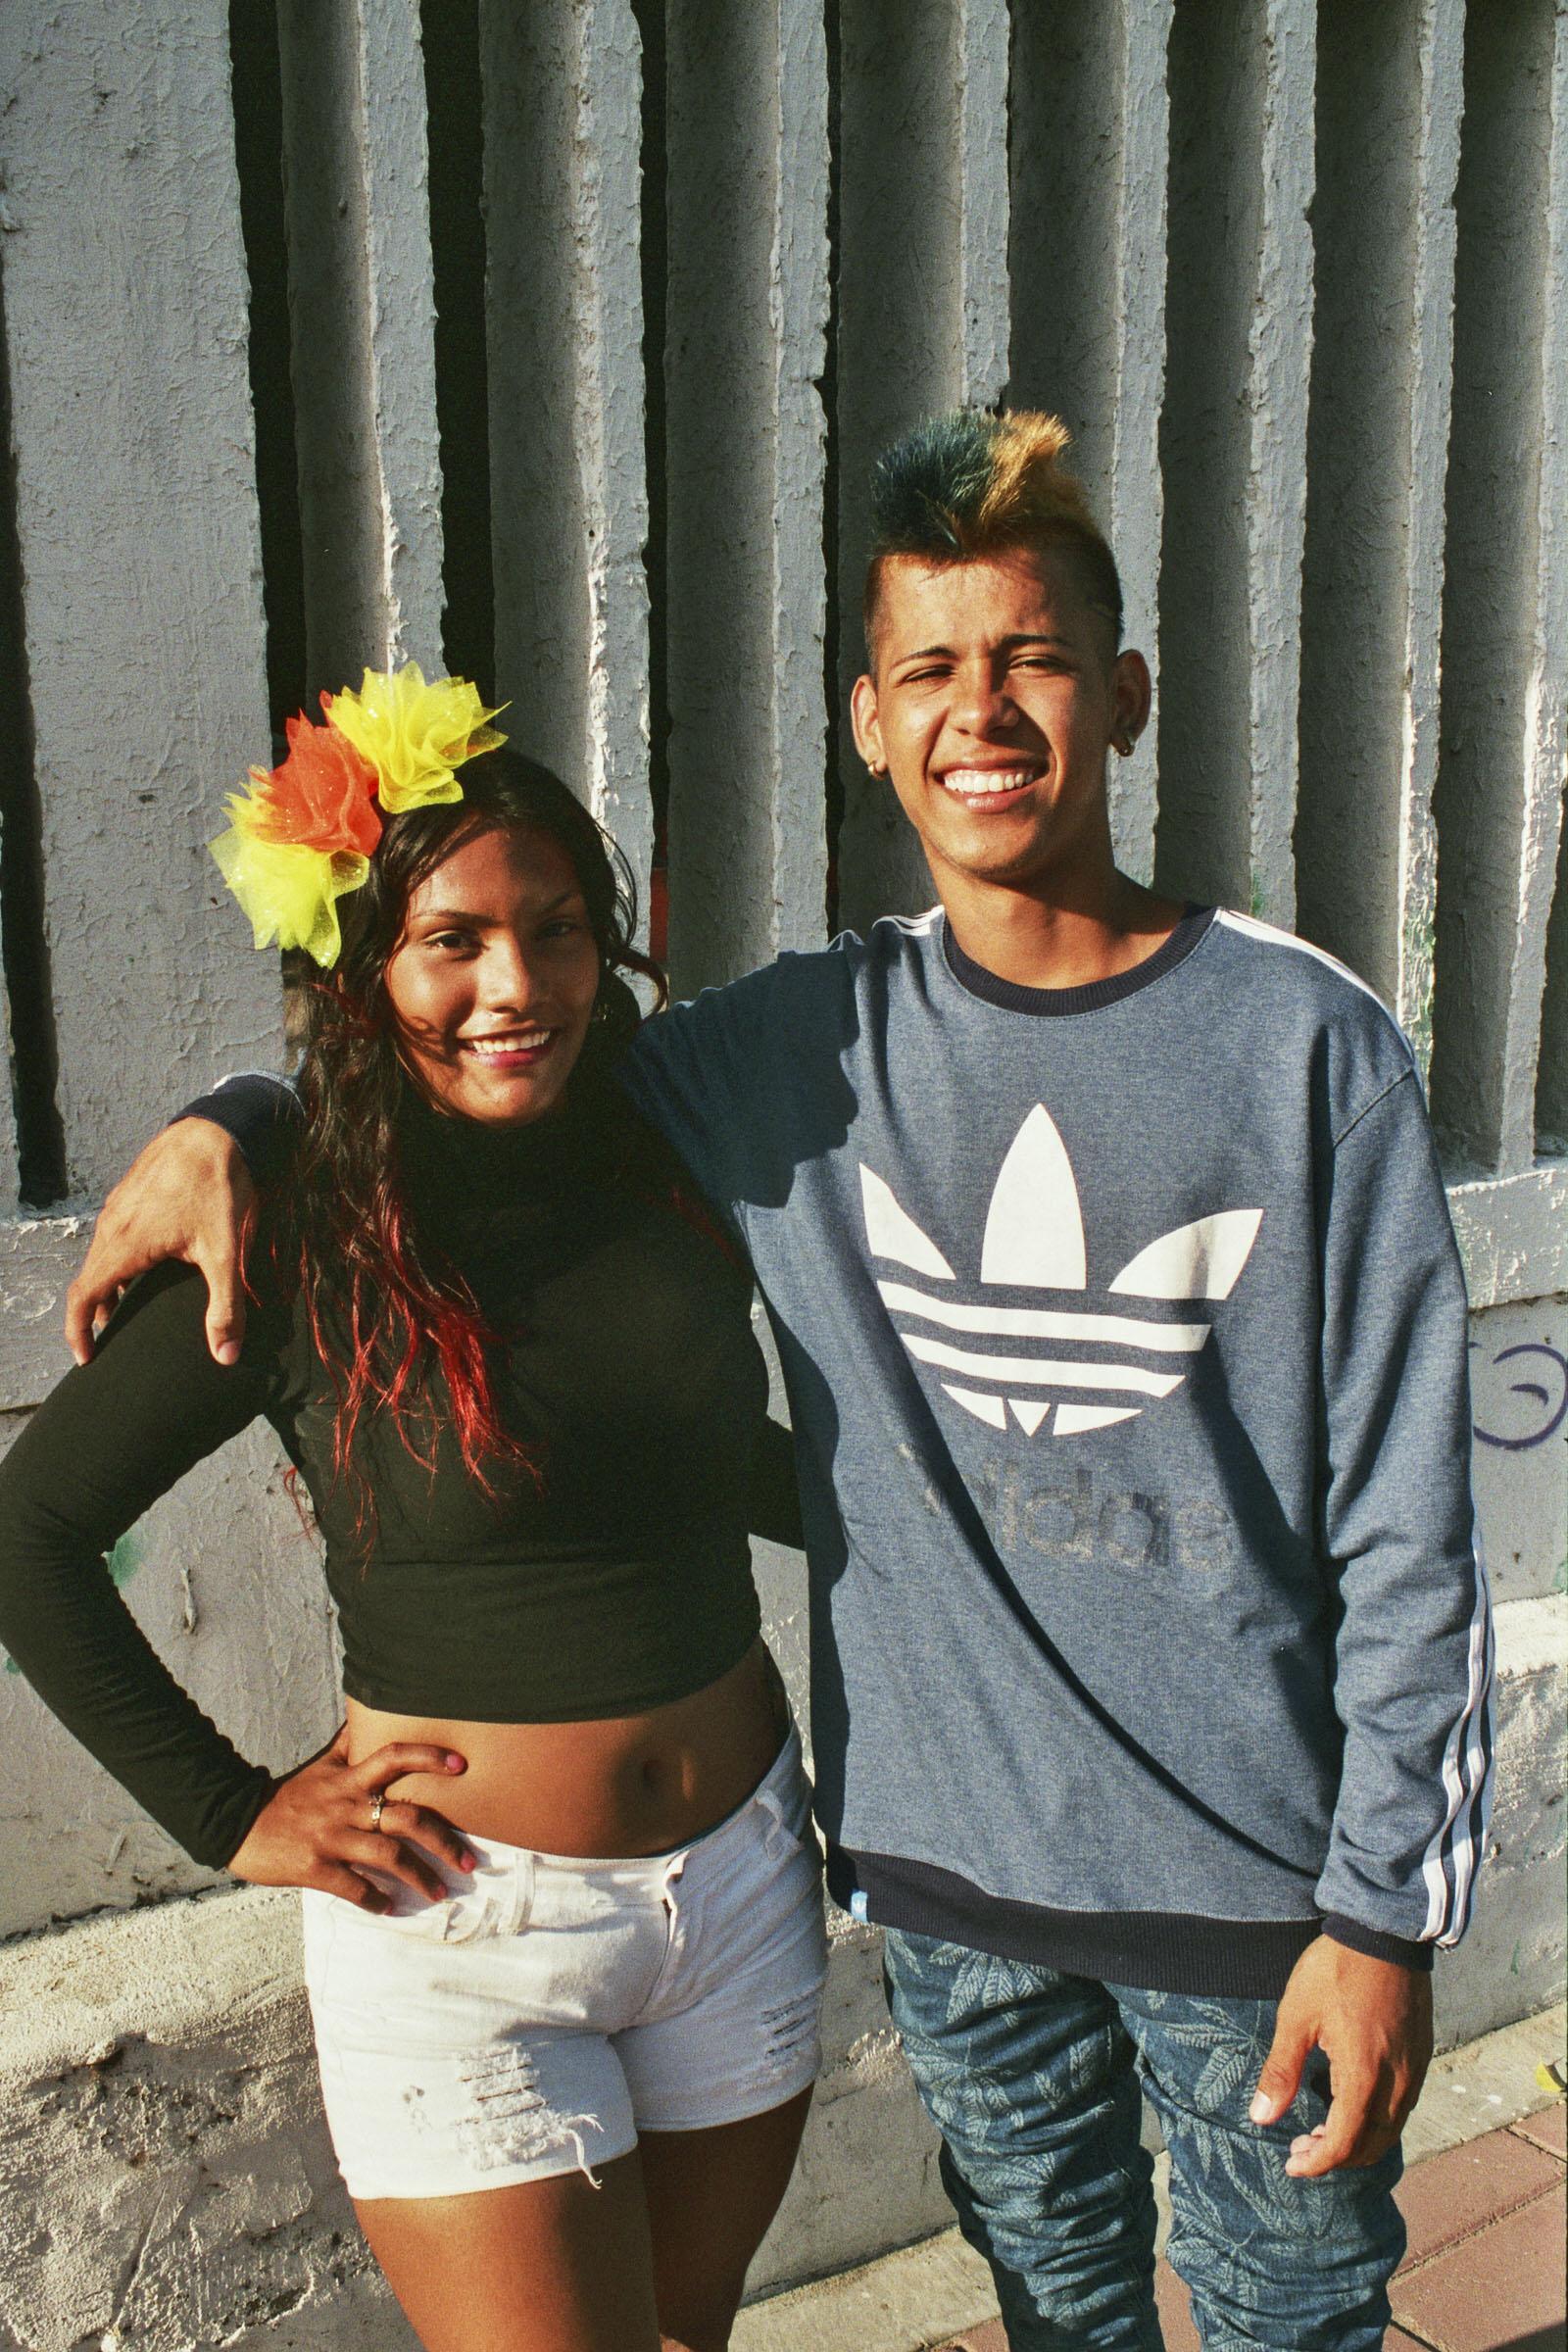 El Carnaval De Barranquilla by Stefy Pocket 1